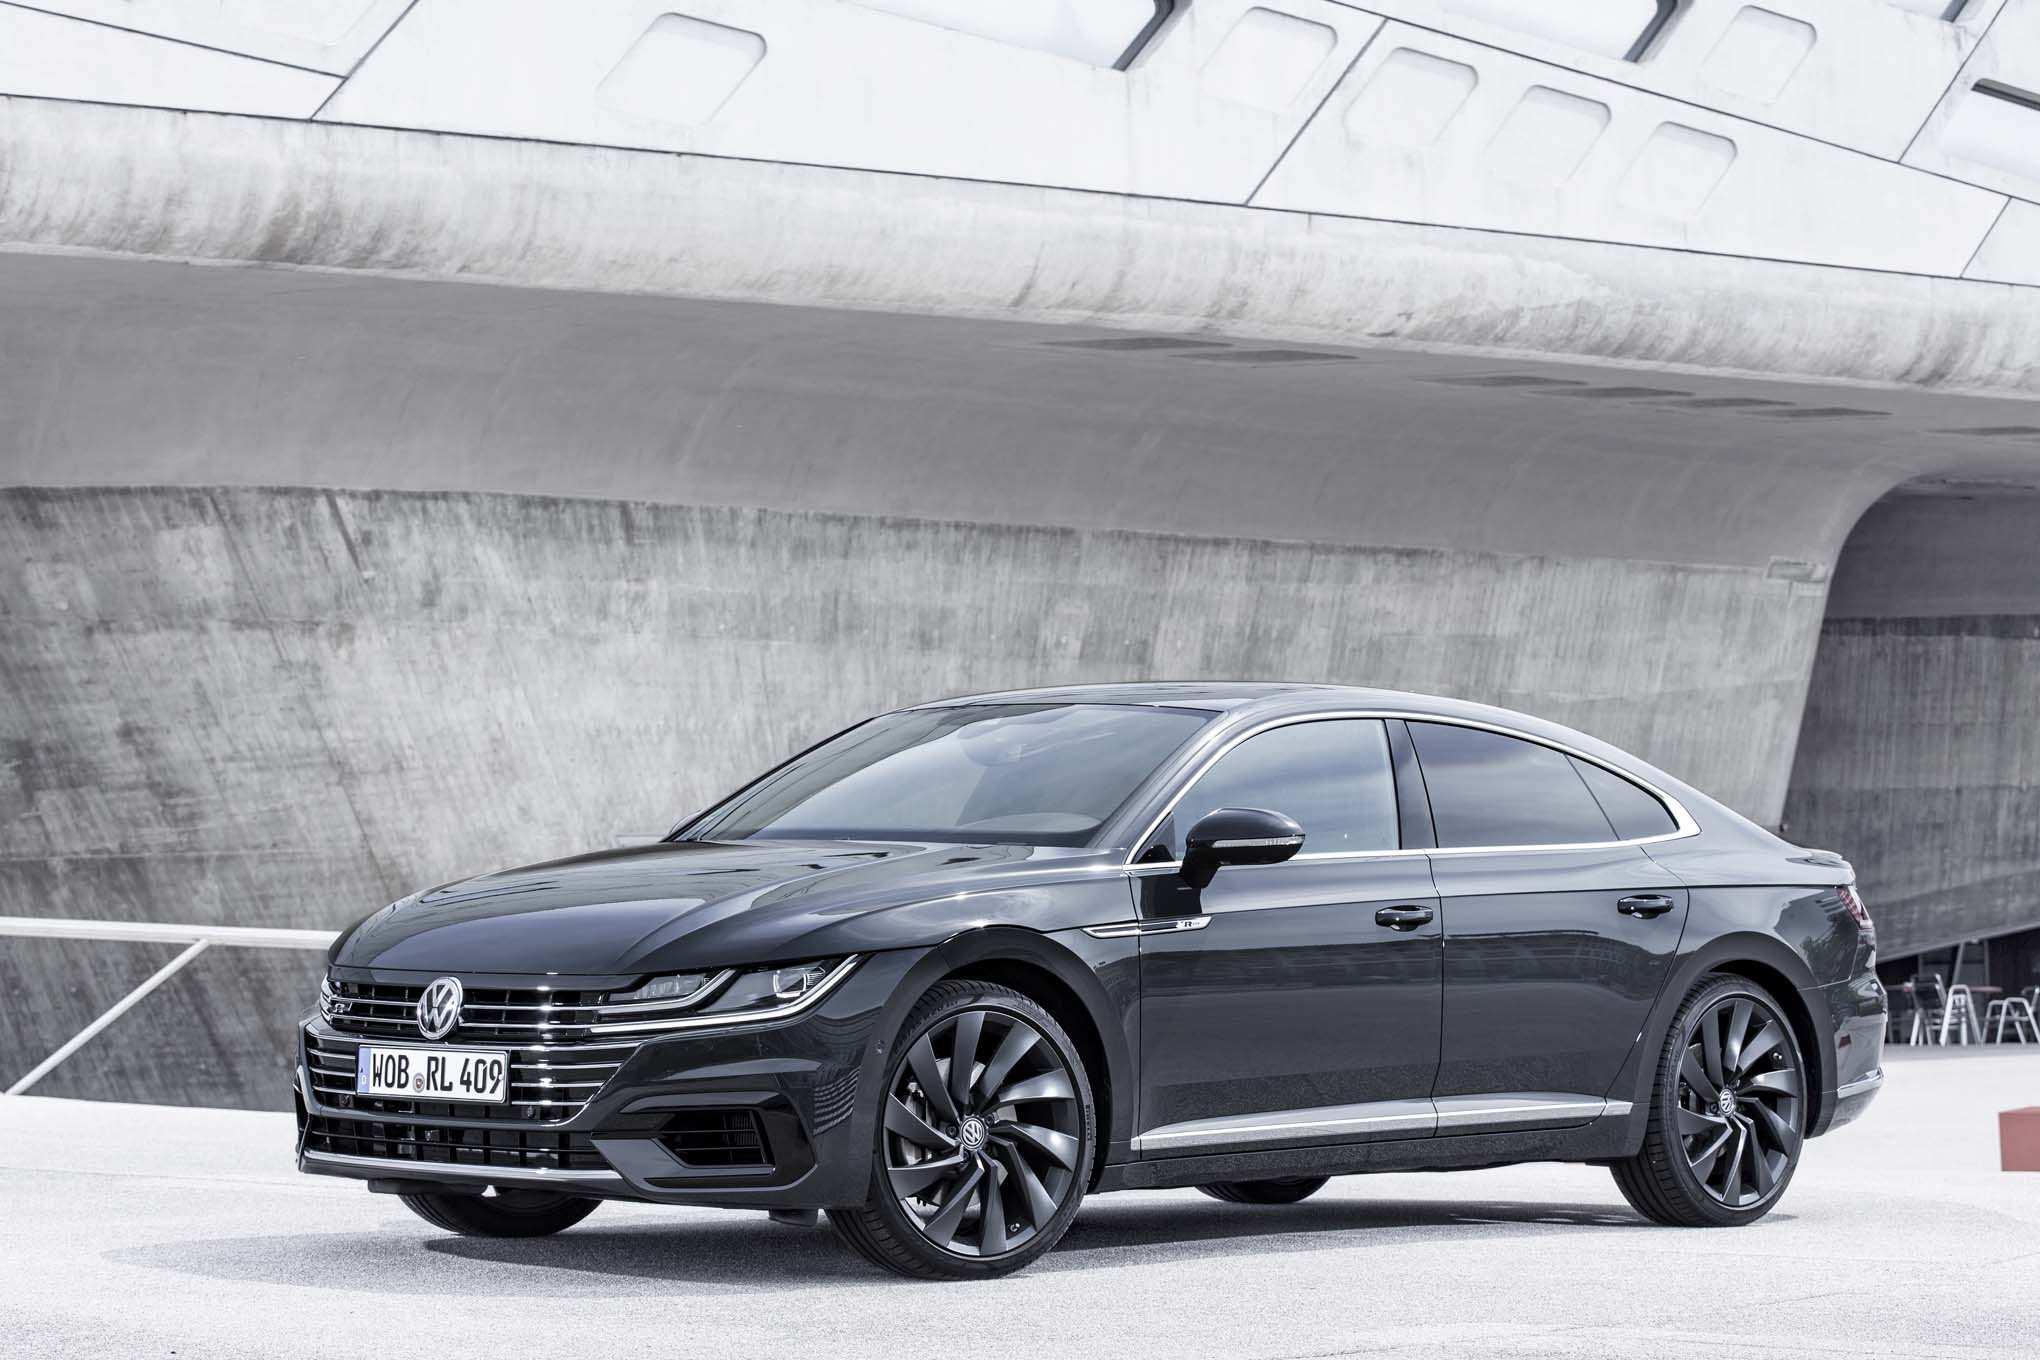 68 Concept of 2019 Volkswagen Arteon Specs New Review for 2019 Volkswagen Arteon Specs